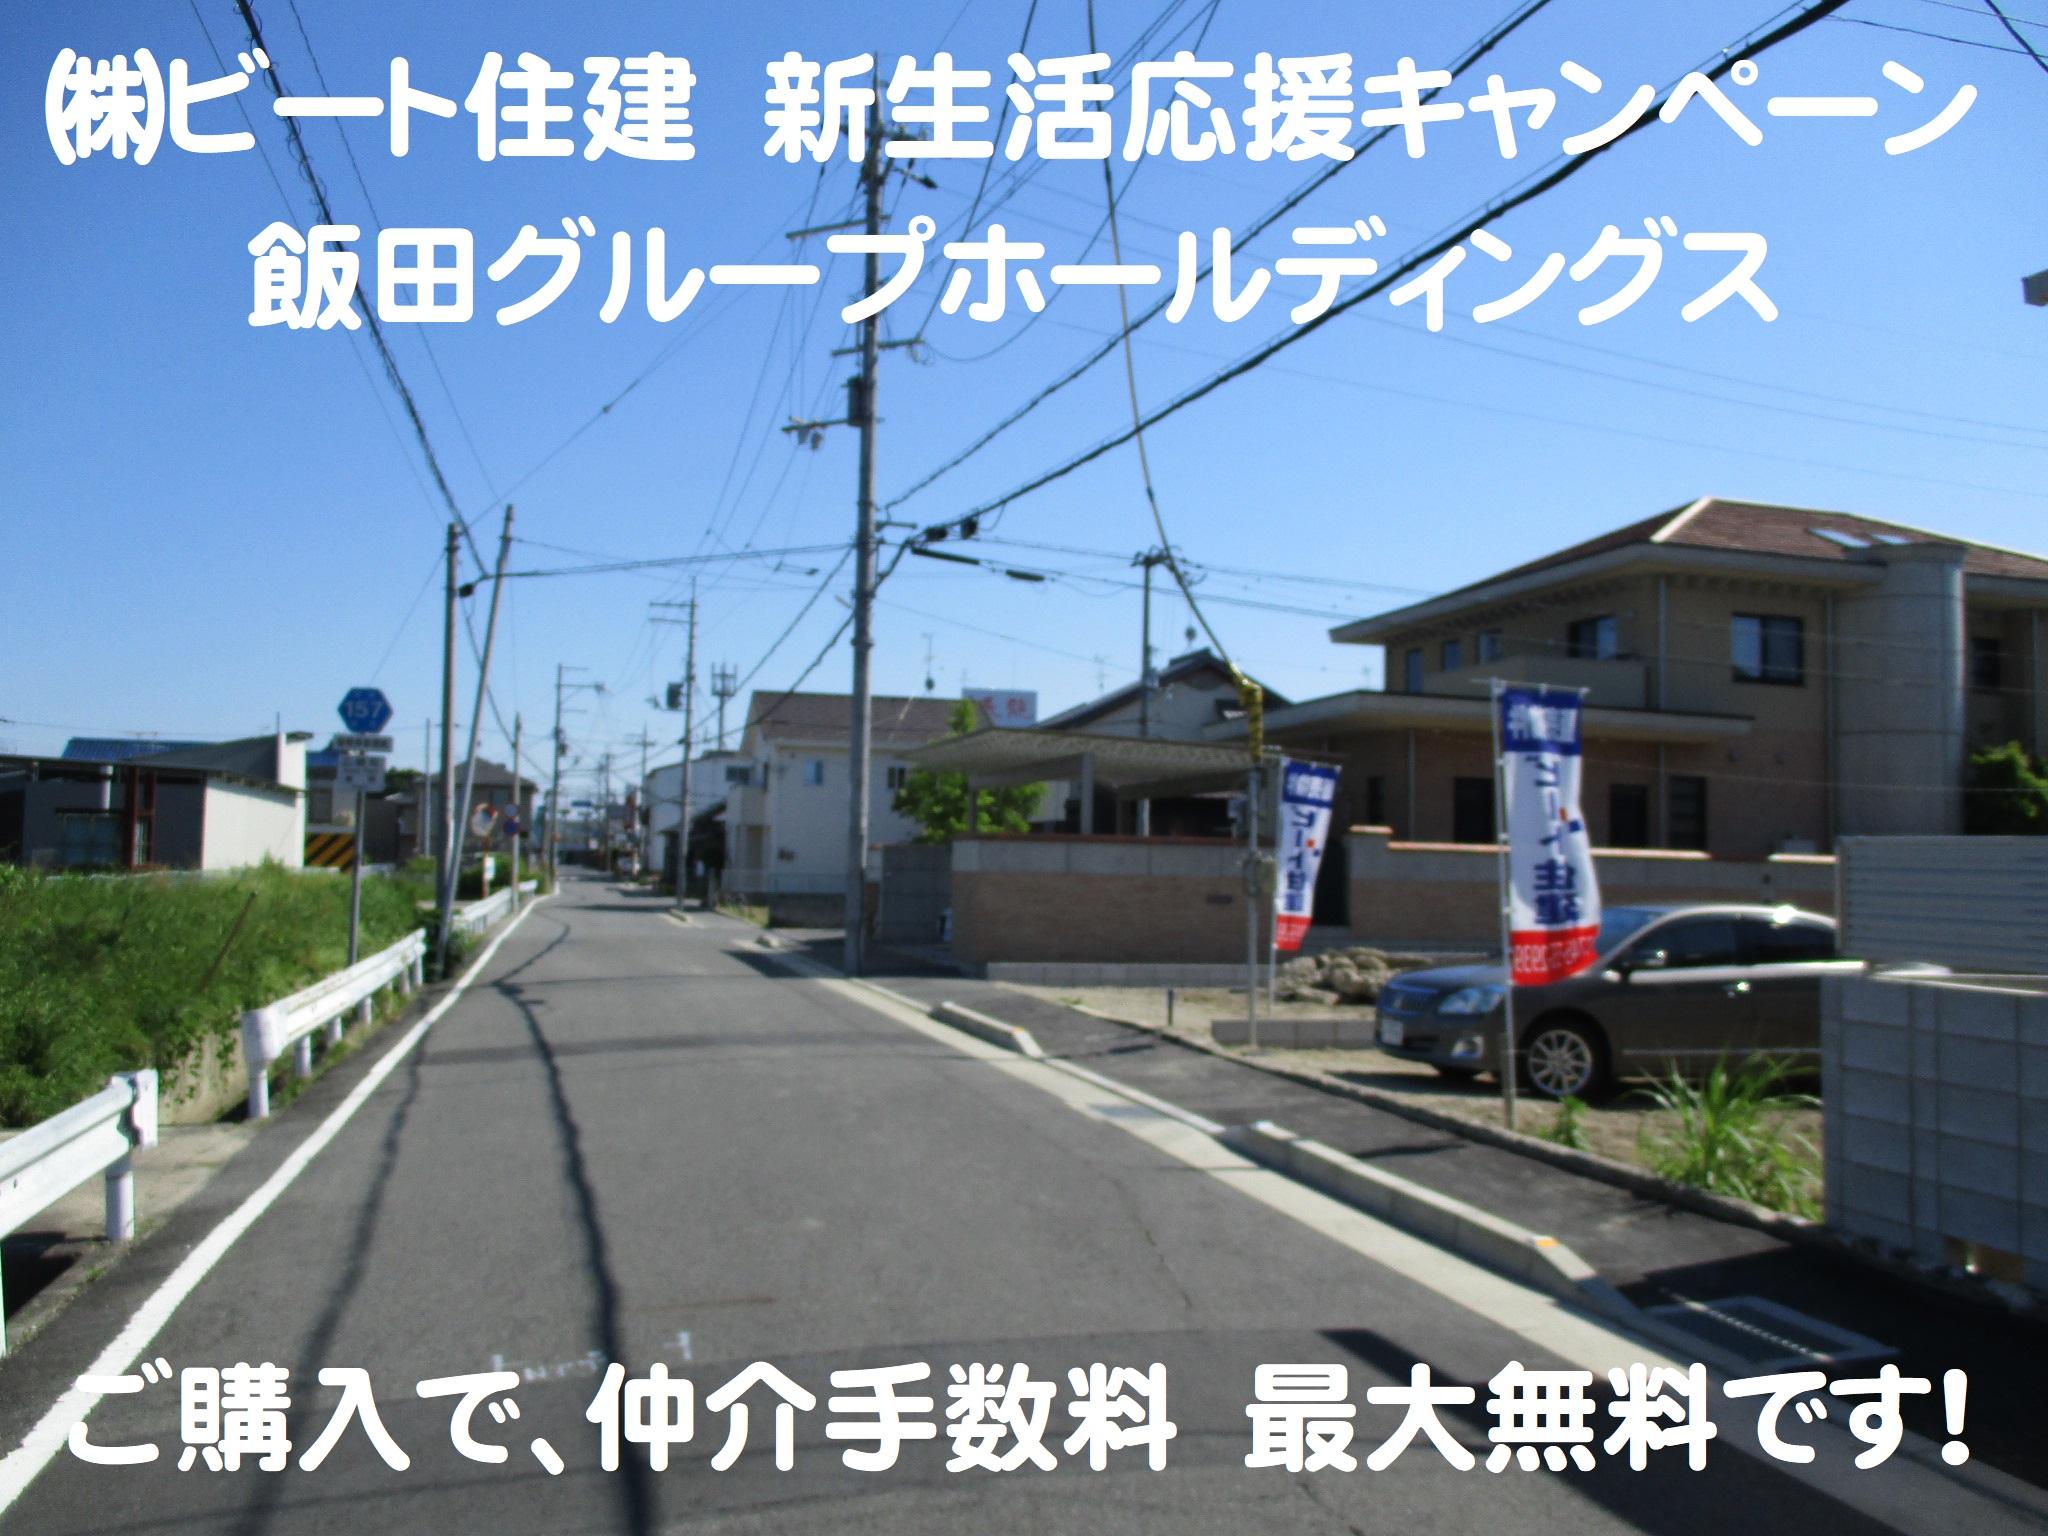 広陵町 新築一戸建て 高級仕様 飯田グループ 一建設  モデルハウス ございます!